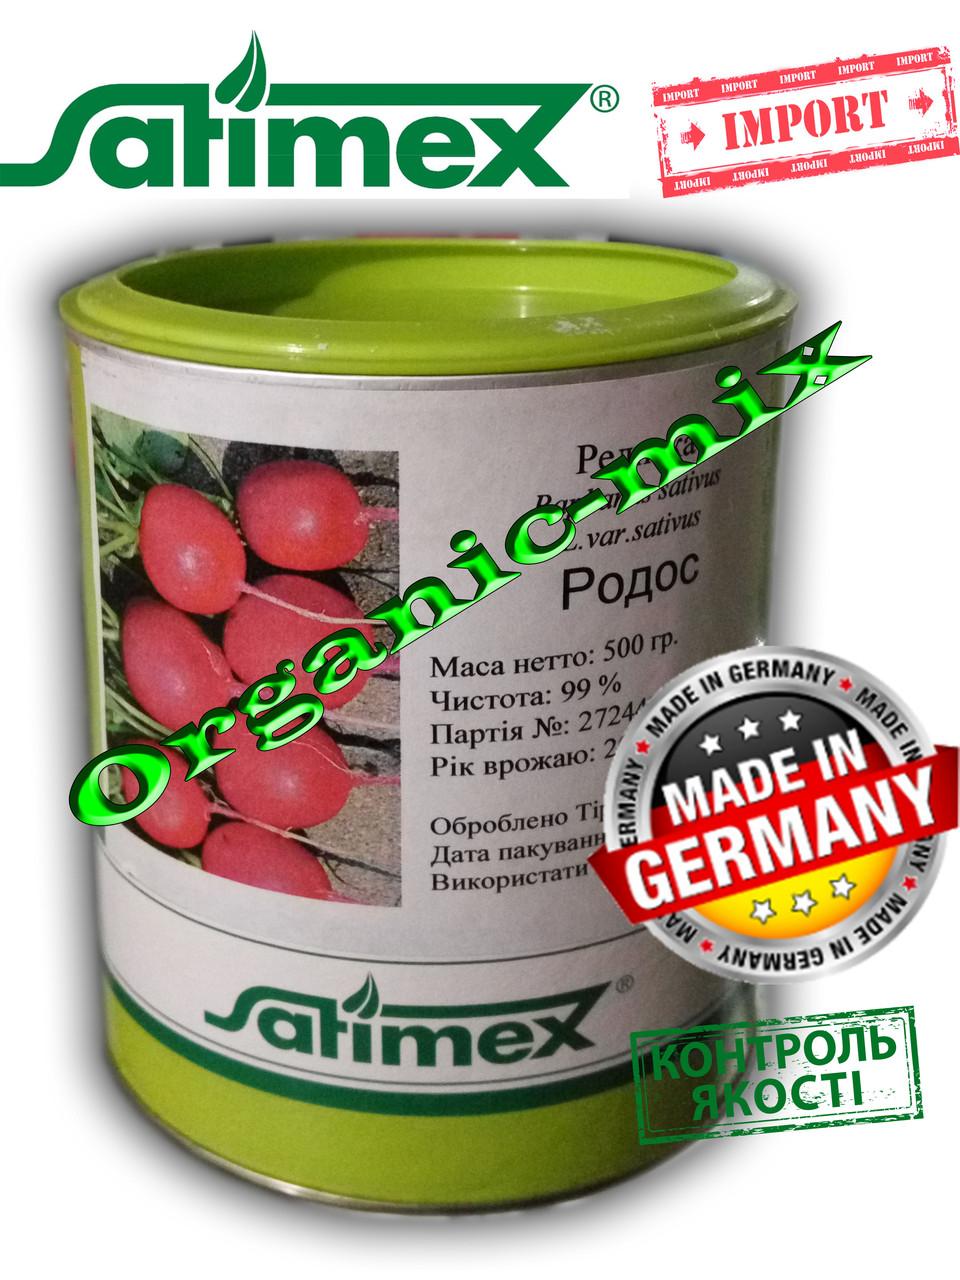 Семена Редис Родос 500 г банка, Satimex (Германия), обработанные